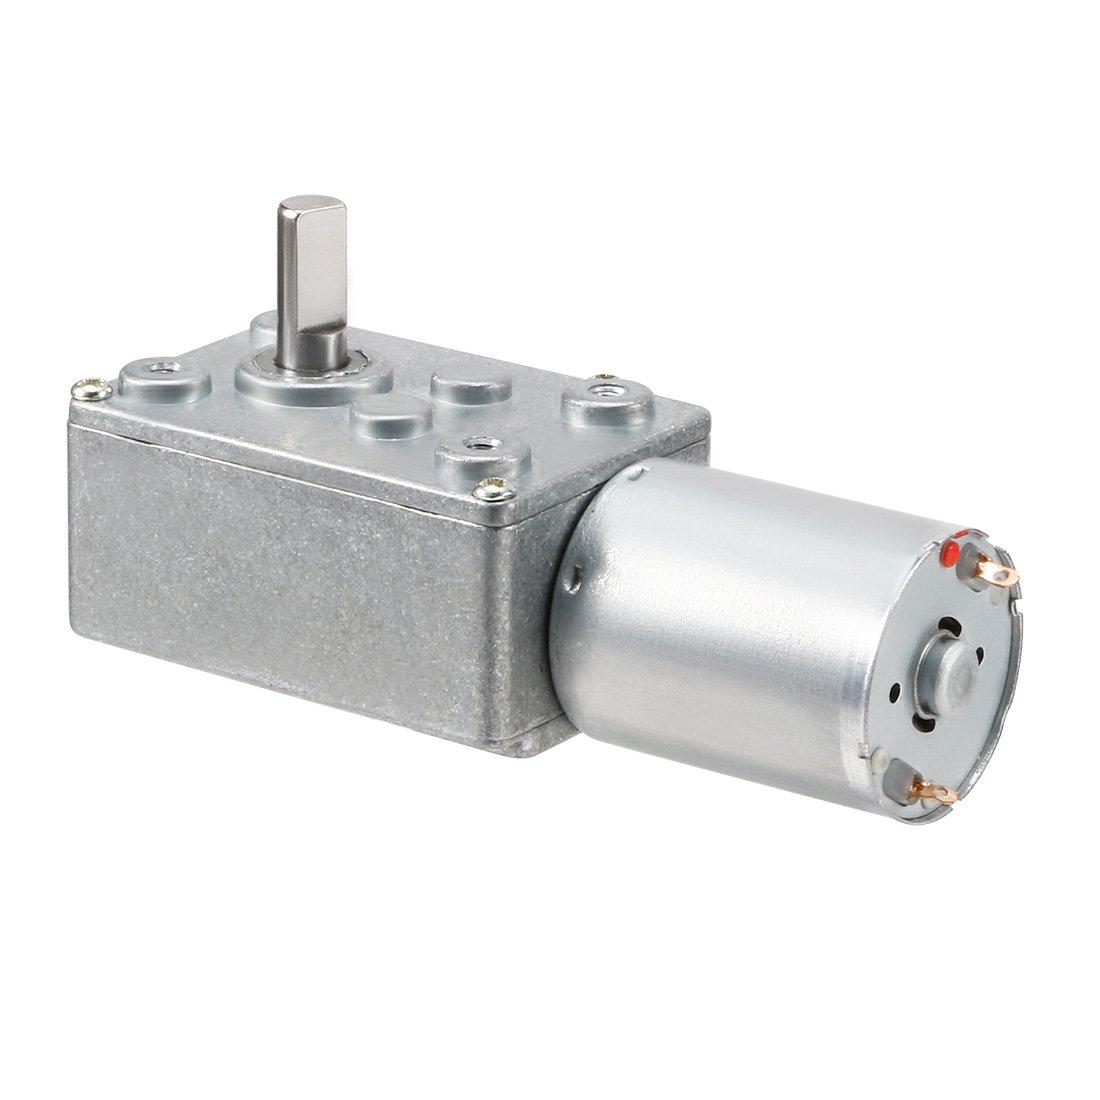 DC 12V 100RPM High Torque Reduction Ratio Reducer Worm Gear Motor